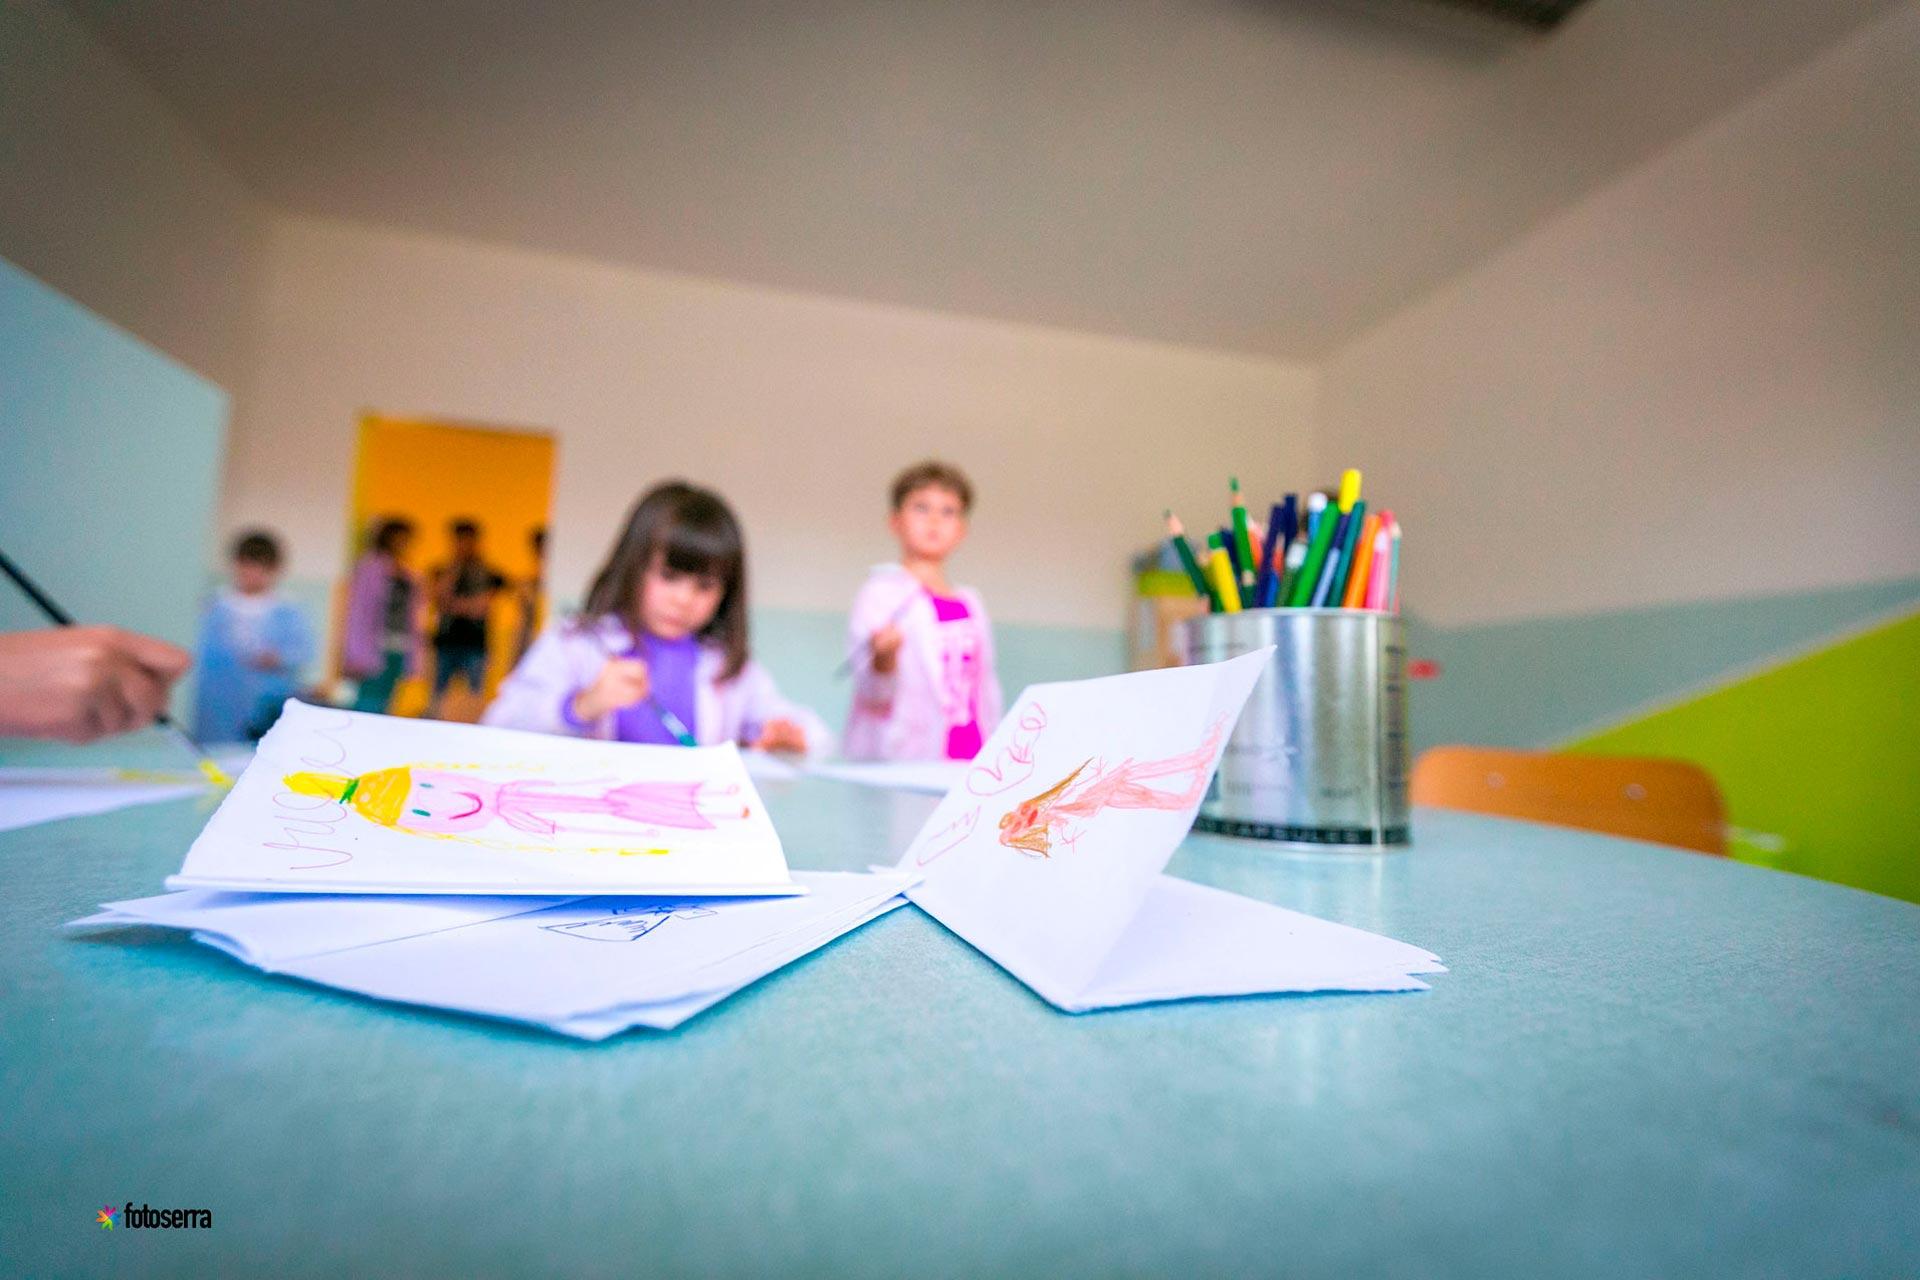 Scuola dell'Infanzia del Collegio Villoresi: disegni di bambini